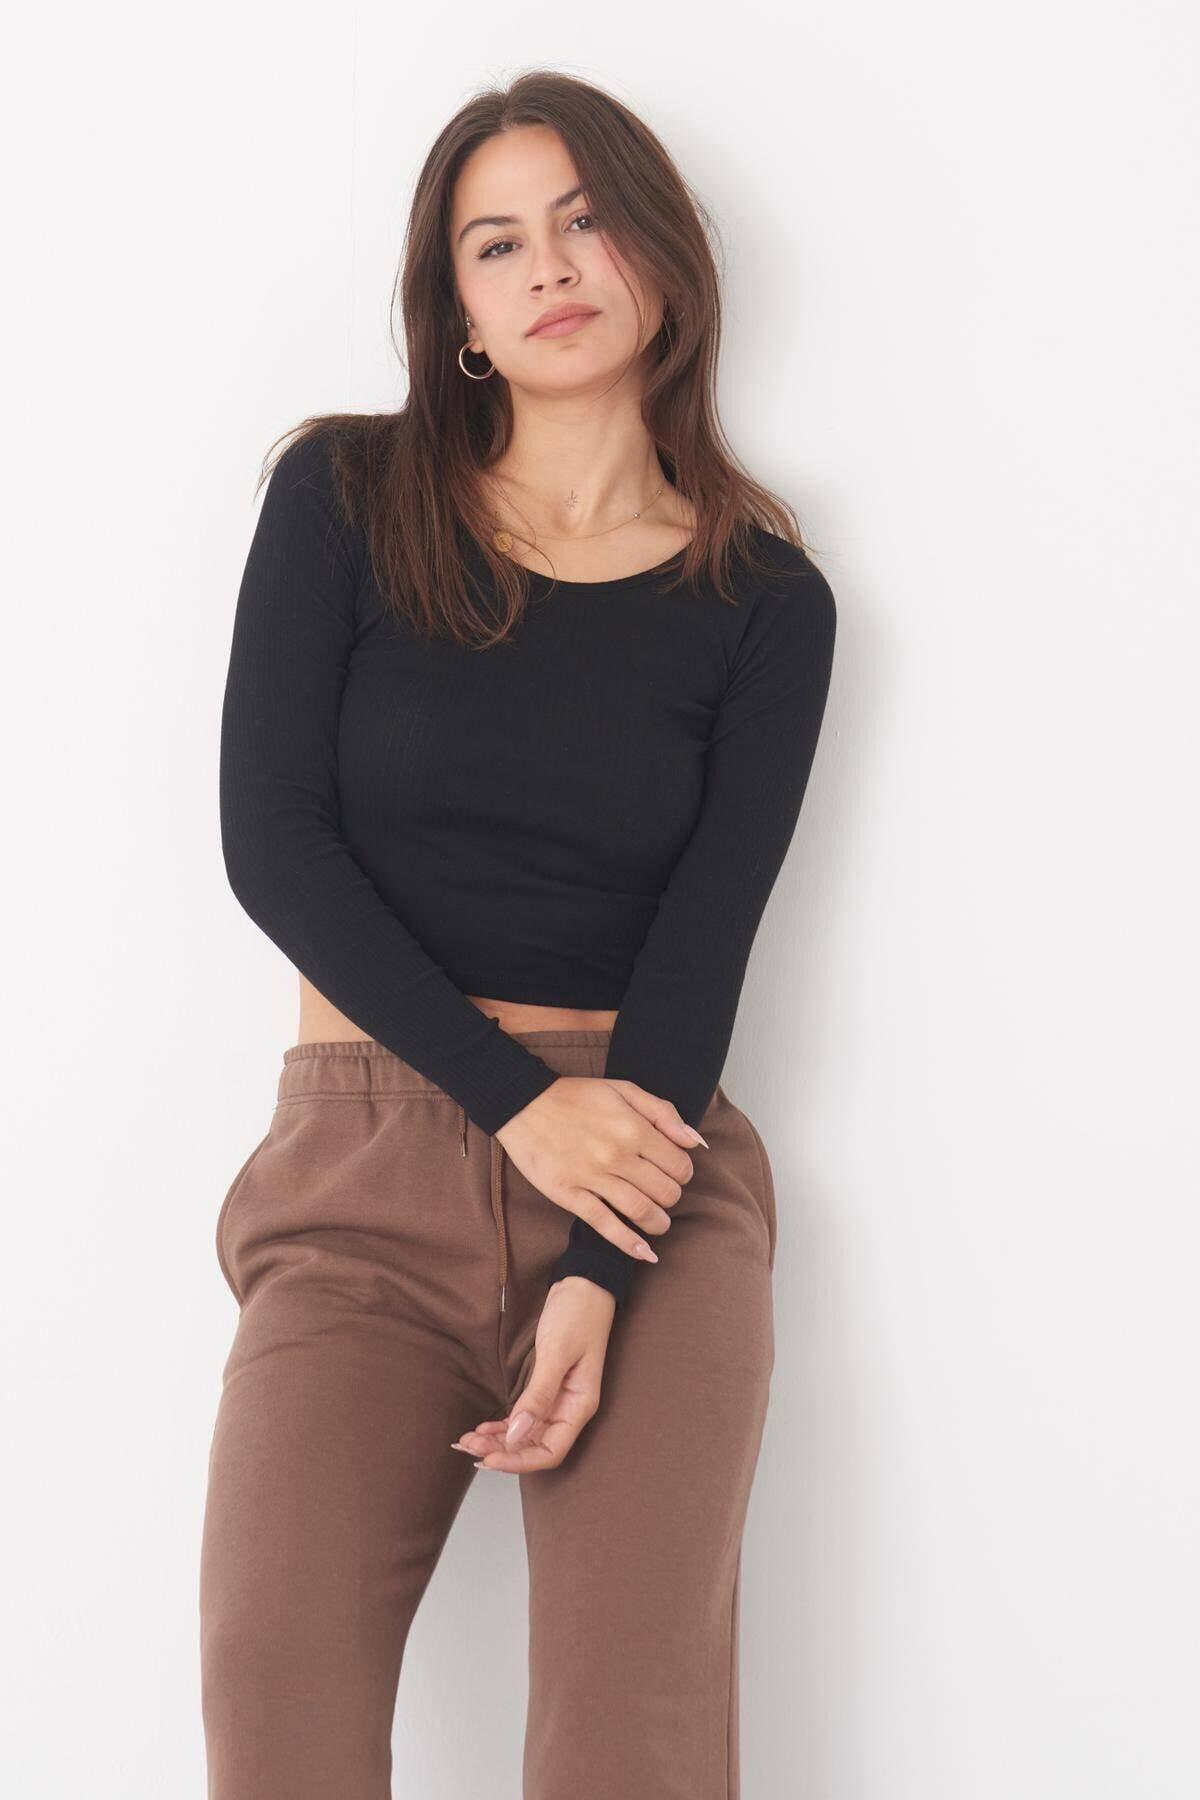 Addax Kadın Siyah Uzun Kollu Bluz B1069 - W12 Adx-0000023026 1